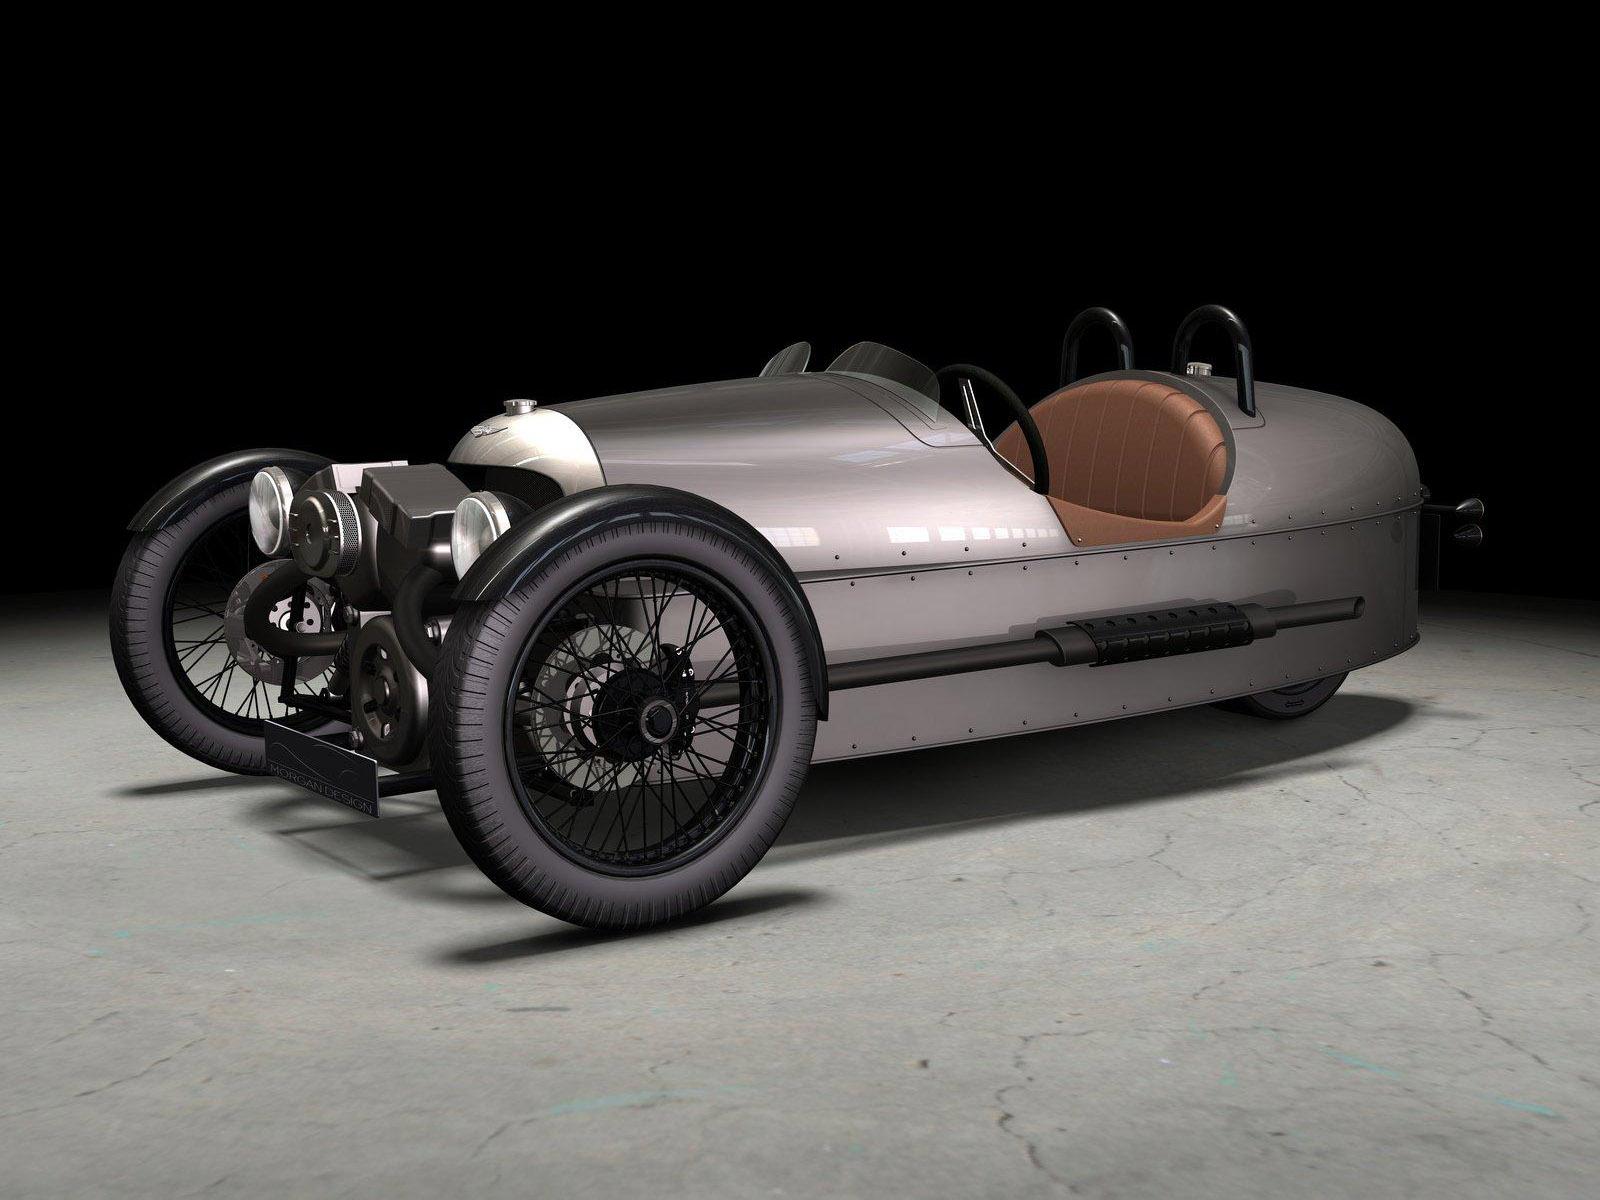 car pictures morgan 3 wheeler 2012. Black Bedroom Furniture Sets. Home Design Ideas